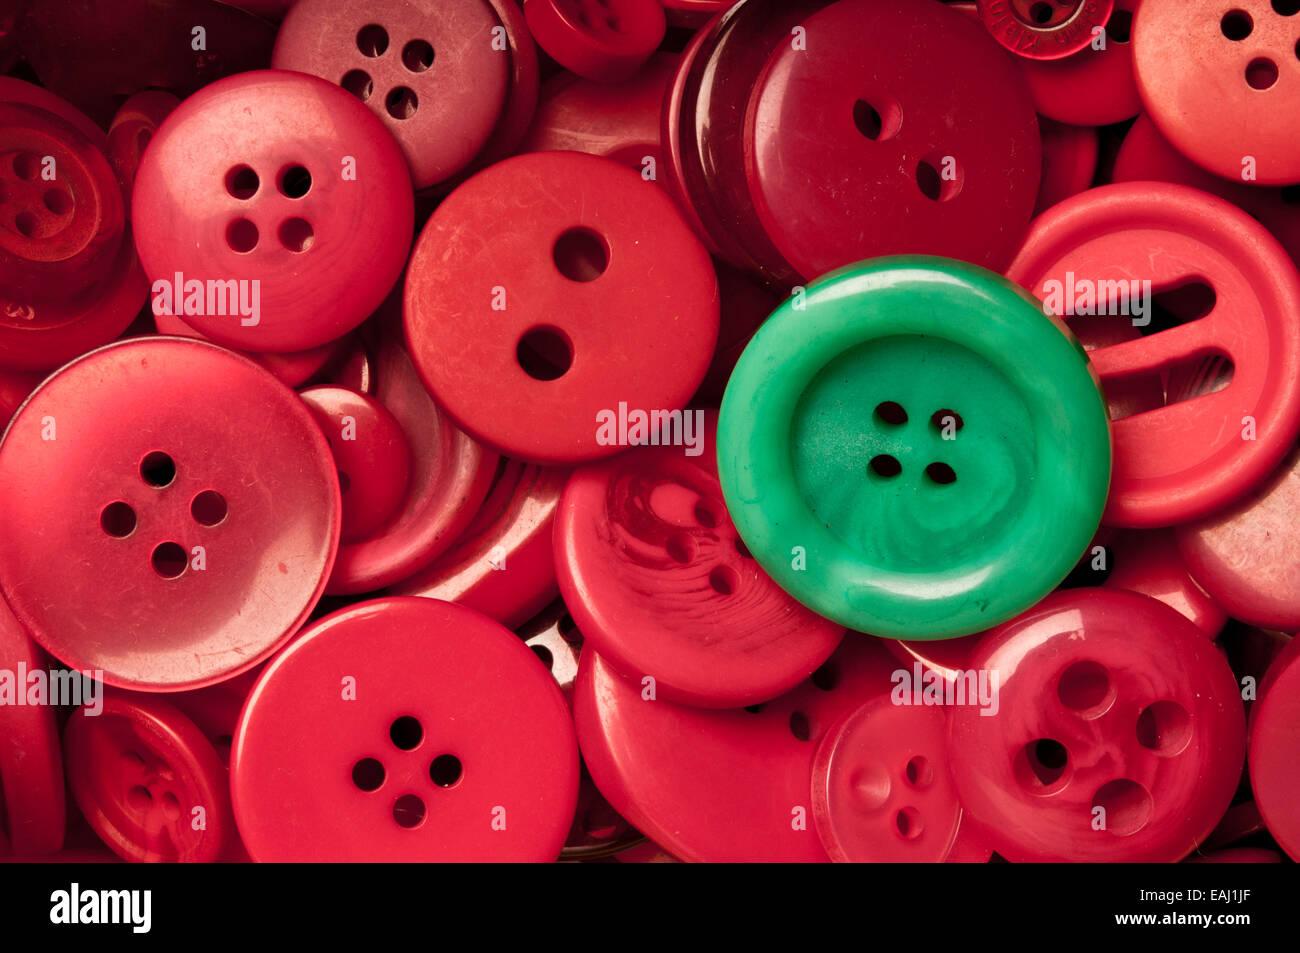 Bouton vert entre les boutons rouges Photo Stock